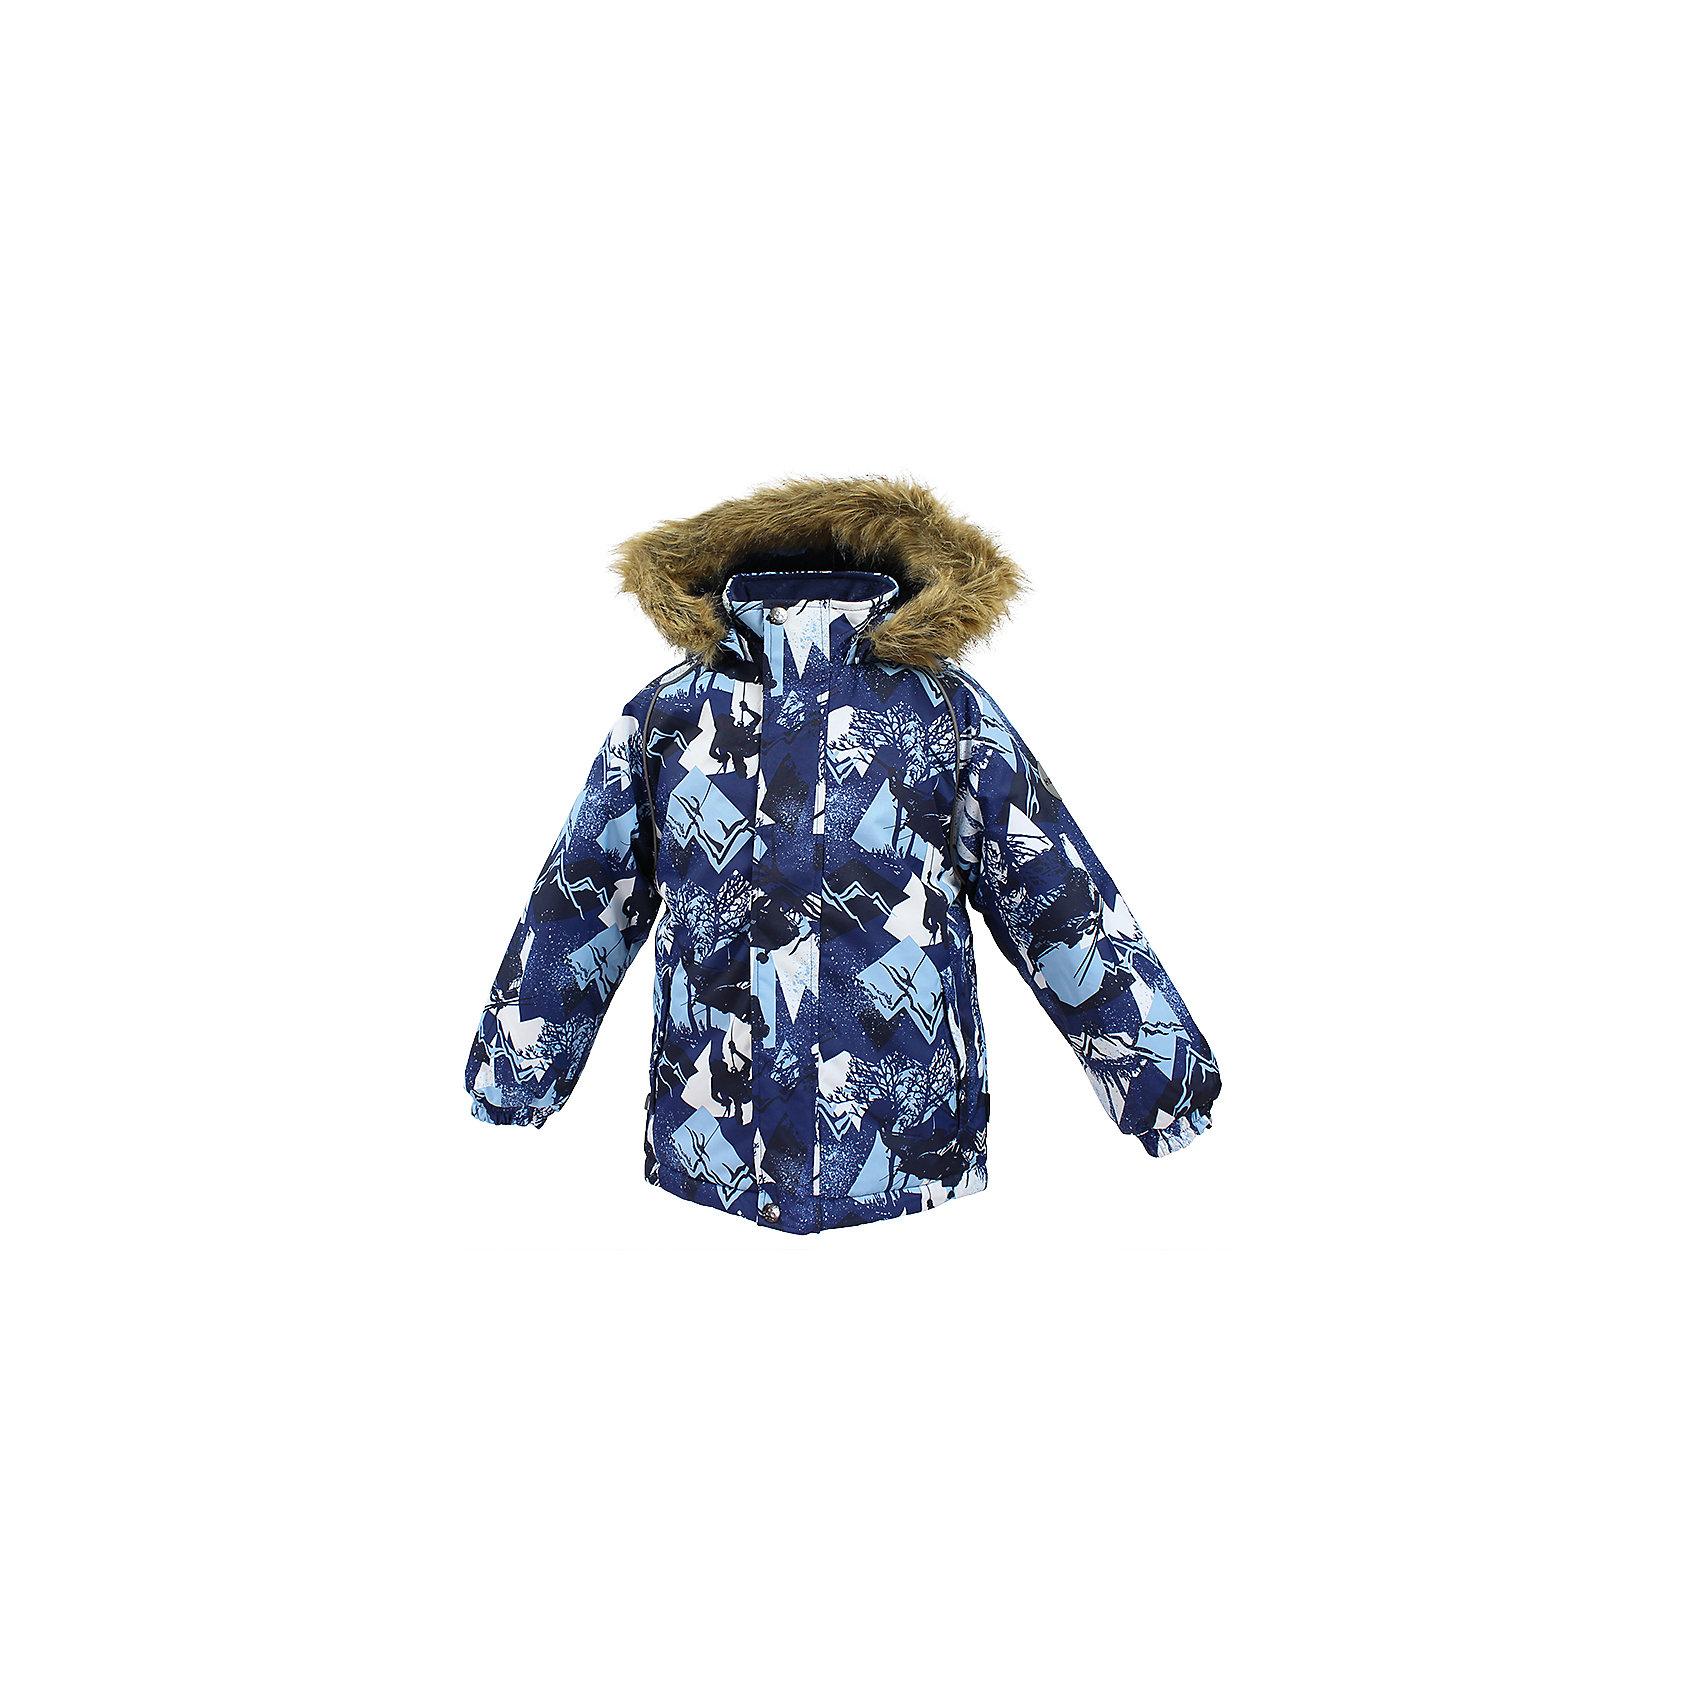 Куртка MARINEL HuppaВерхняя одежда<br>Куртка для детей MARINEL.Водо и воздухонепроницаемость 10 000. Утеплитель 300 гр. Подкладка тафта, флис 100% полиэстер. Отстегивающийся капюшон с мехом. Манжеты рукавов на резинке. Имеются светоотражательные детали.<br>Состав:<br>100% Полиэстер<br><br>Ширина мм: 356<br>Глубина мм: 10<br>Высота мм: 245<br>Вес г: 519<br>Цвет: синий<br>Возраст от месяцев: 108<br>Возраст до месяцев: 120<br>Пол: Унисекс<br>Возраст: Детский<br>Размер: 140,110,116,122,128,134<br>SKU: 7027386